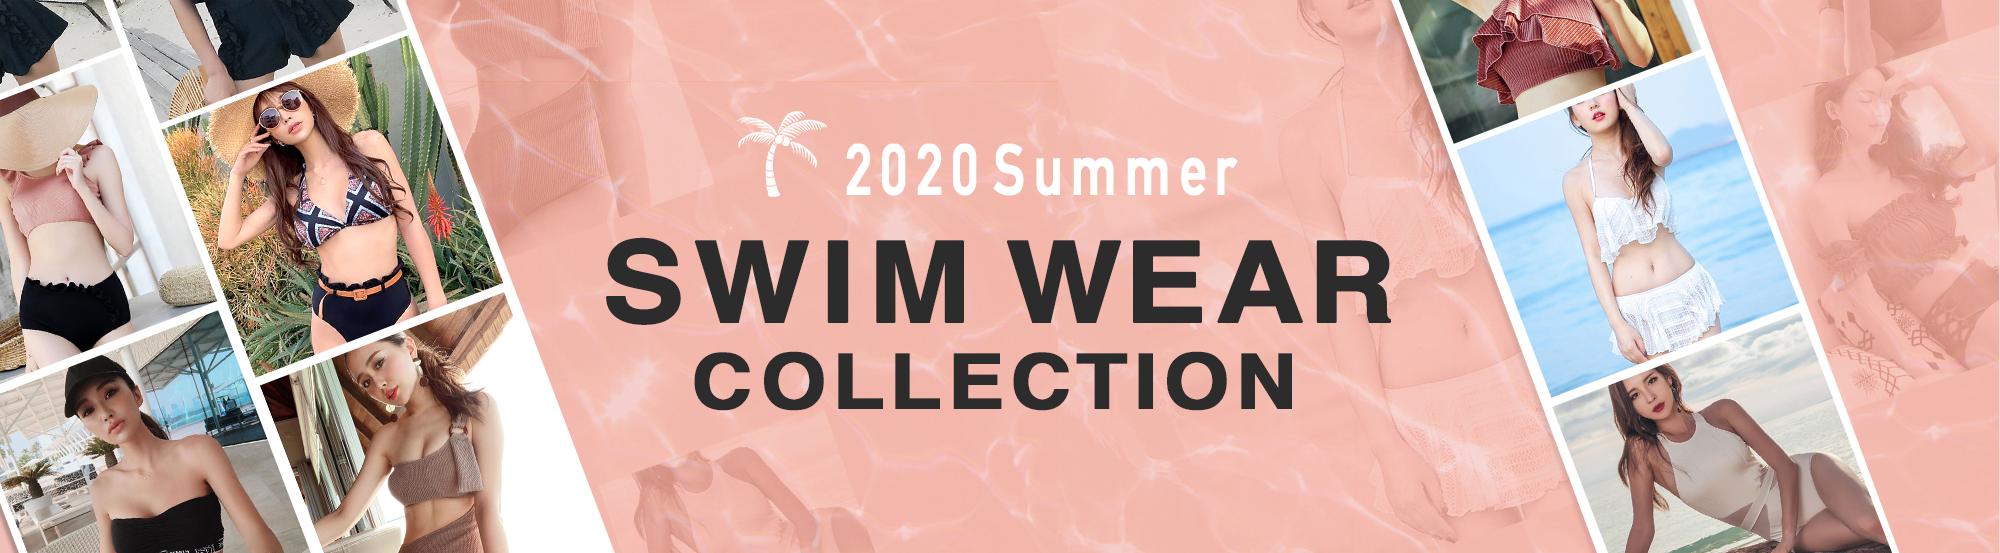 LOCONDO|ロコンド 2020 SWIMWEAR COLLECTION 最新水着 レディースファッション通販 ロココレ(ロコンドガールズコレクション)